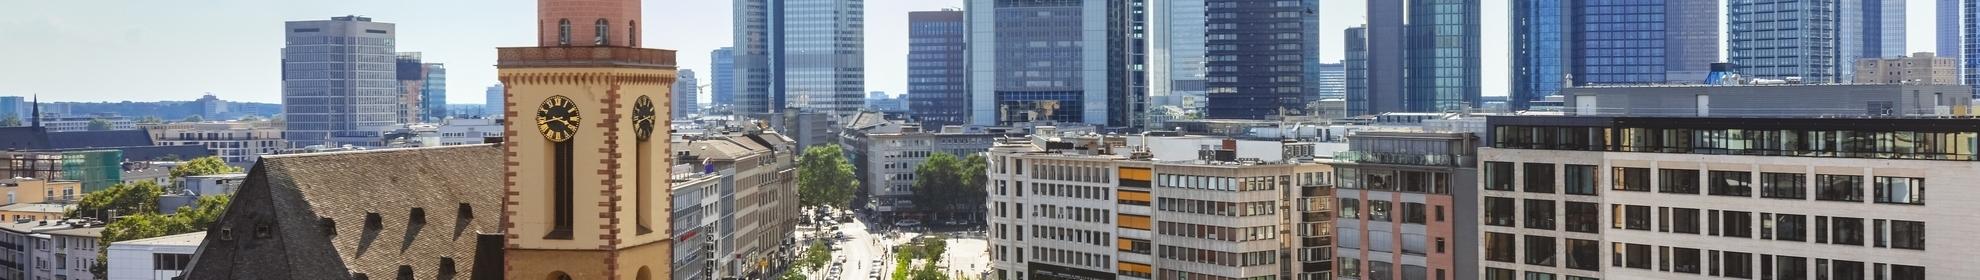 Bornheimer Hof Frankfurt